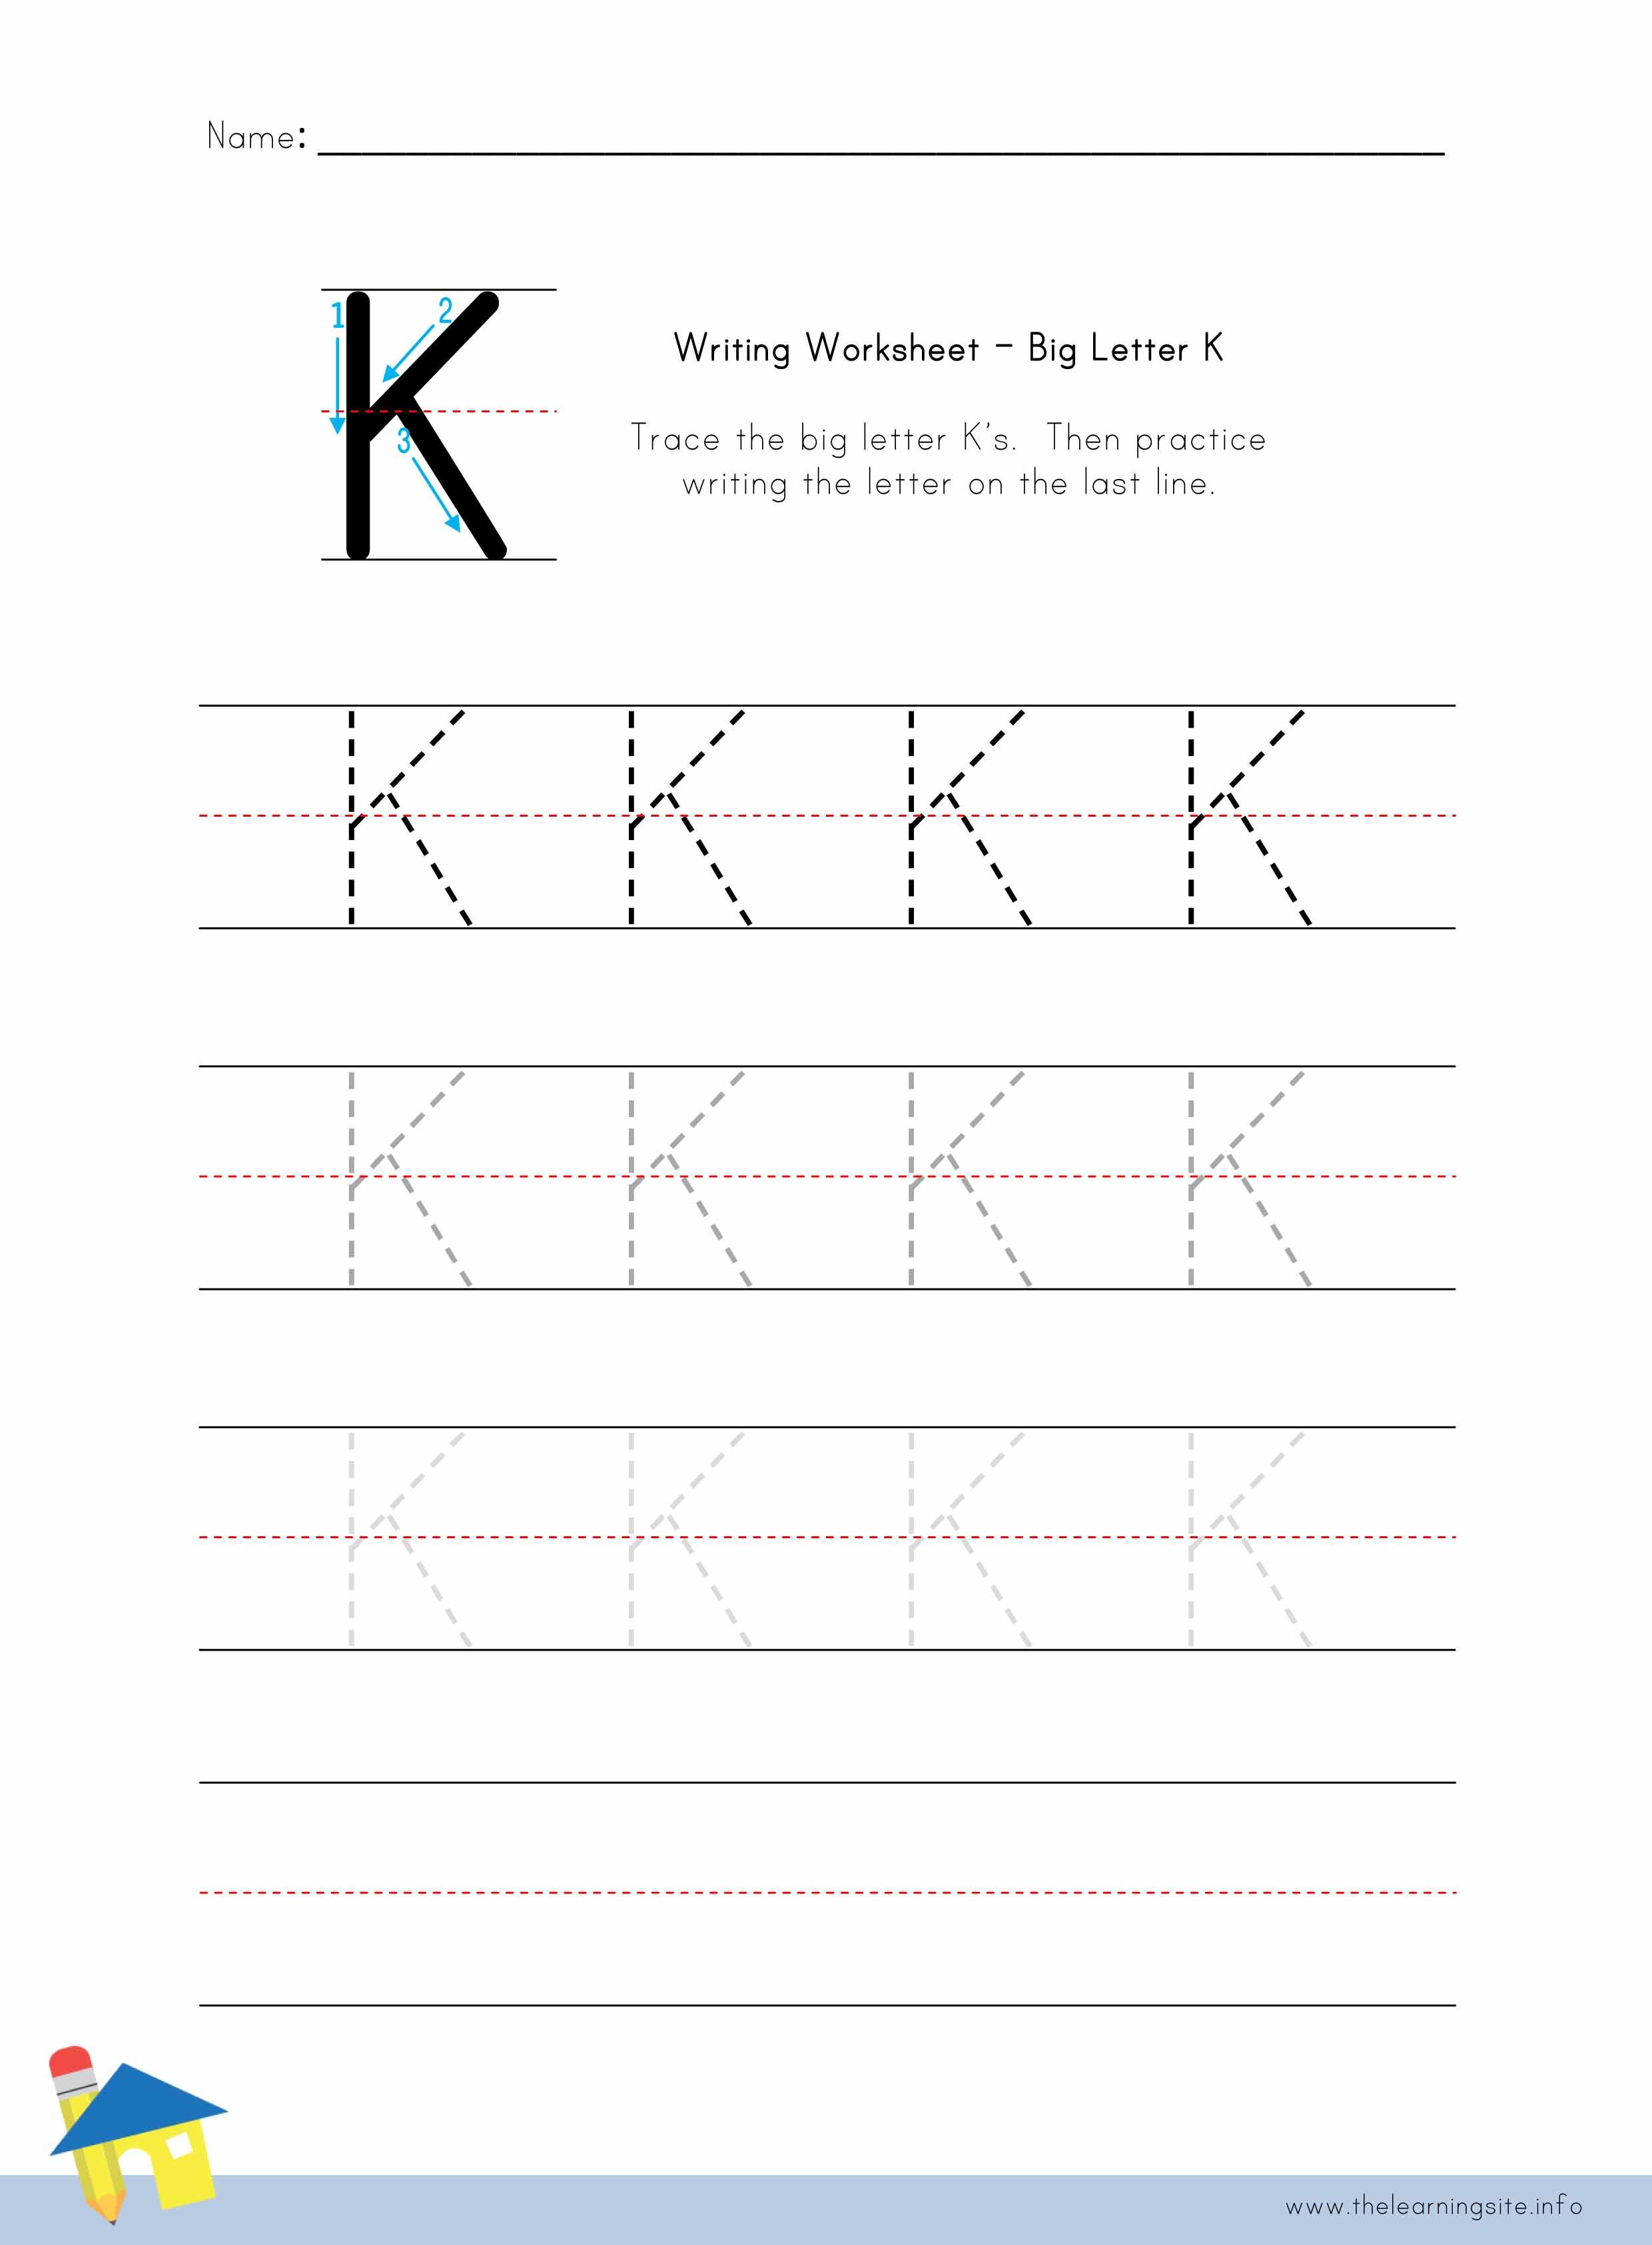 Big Letter K Writing Worksheet